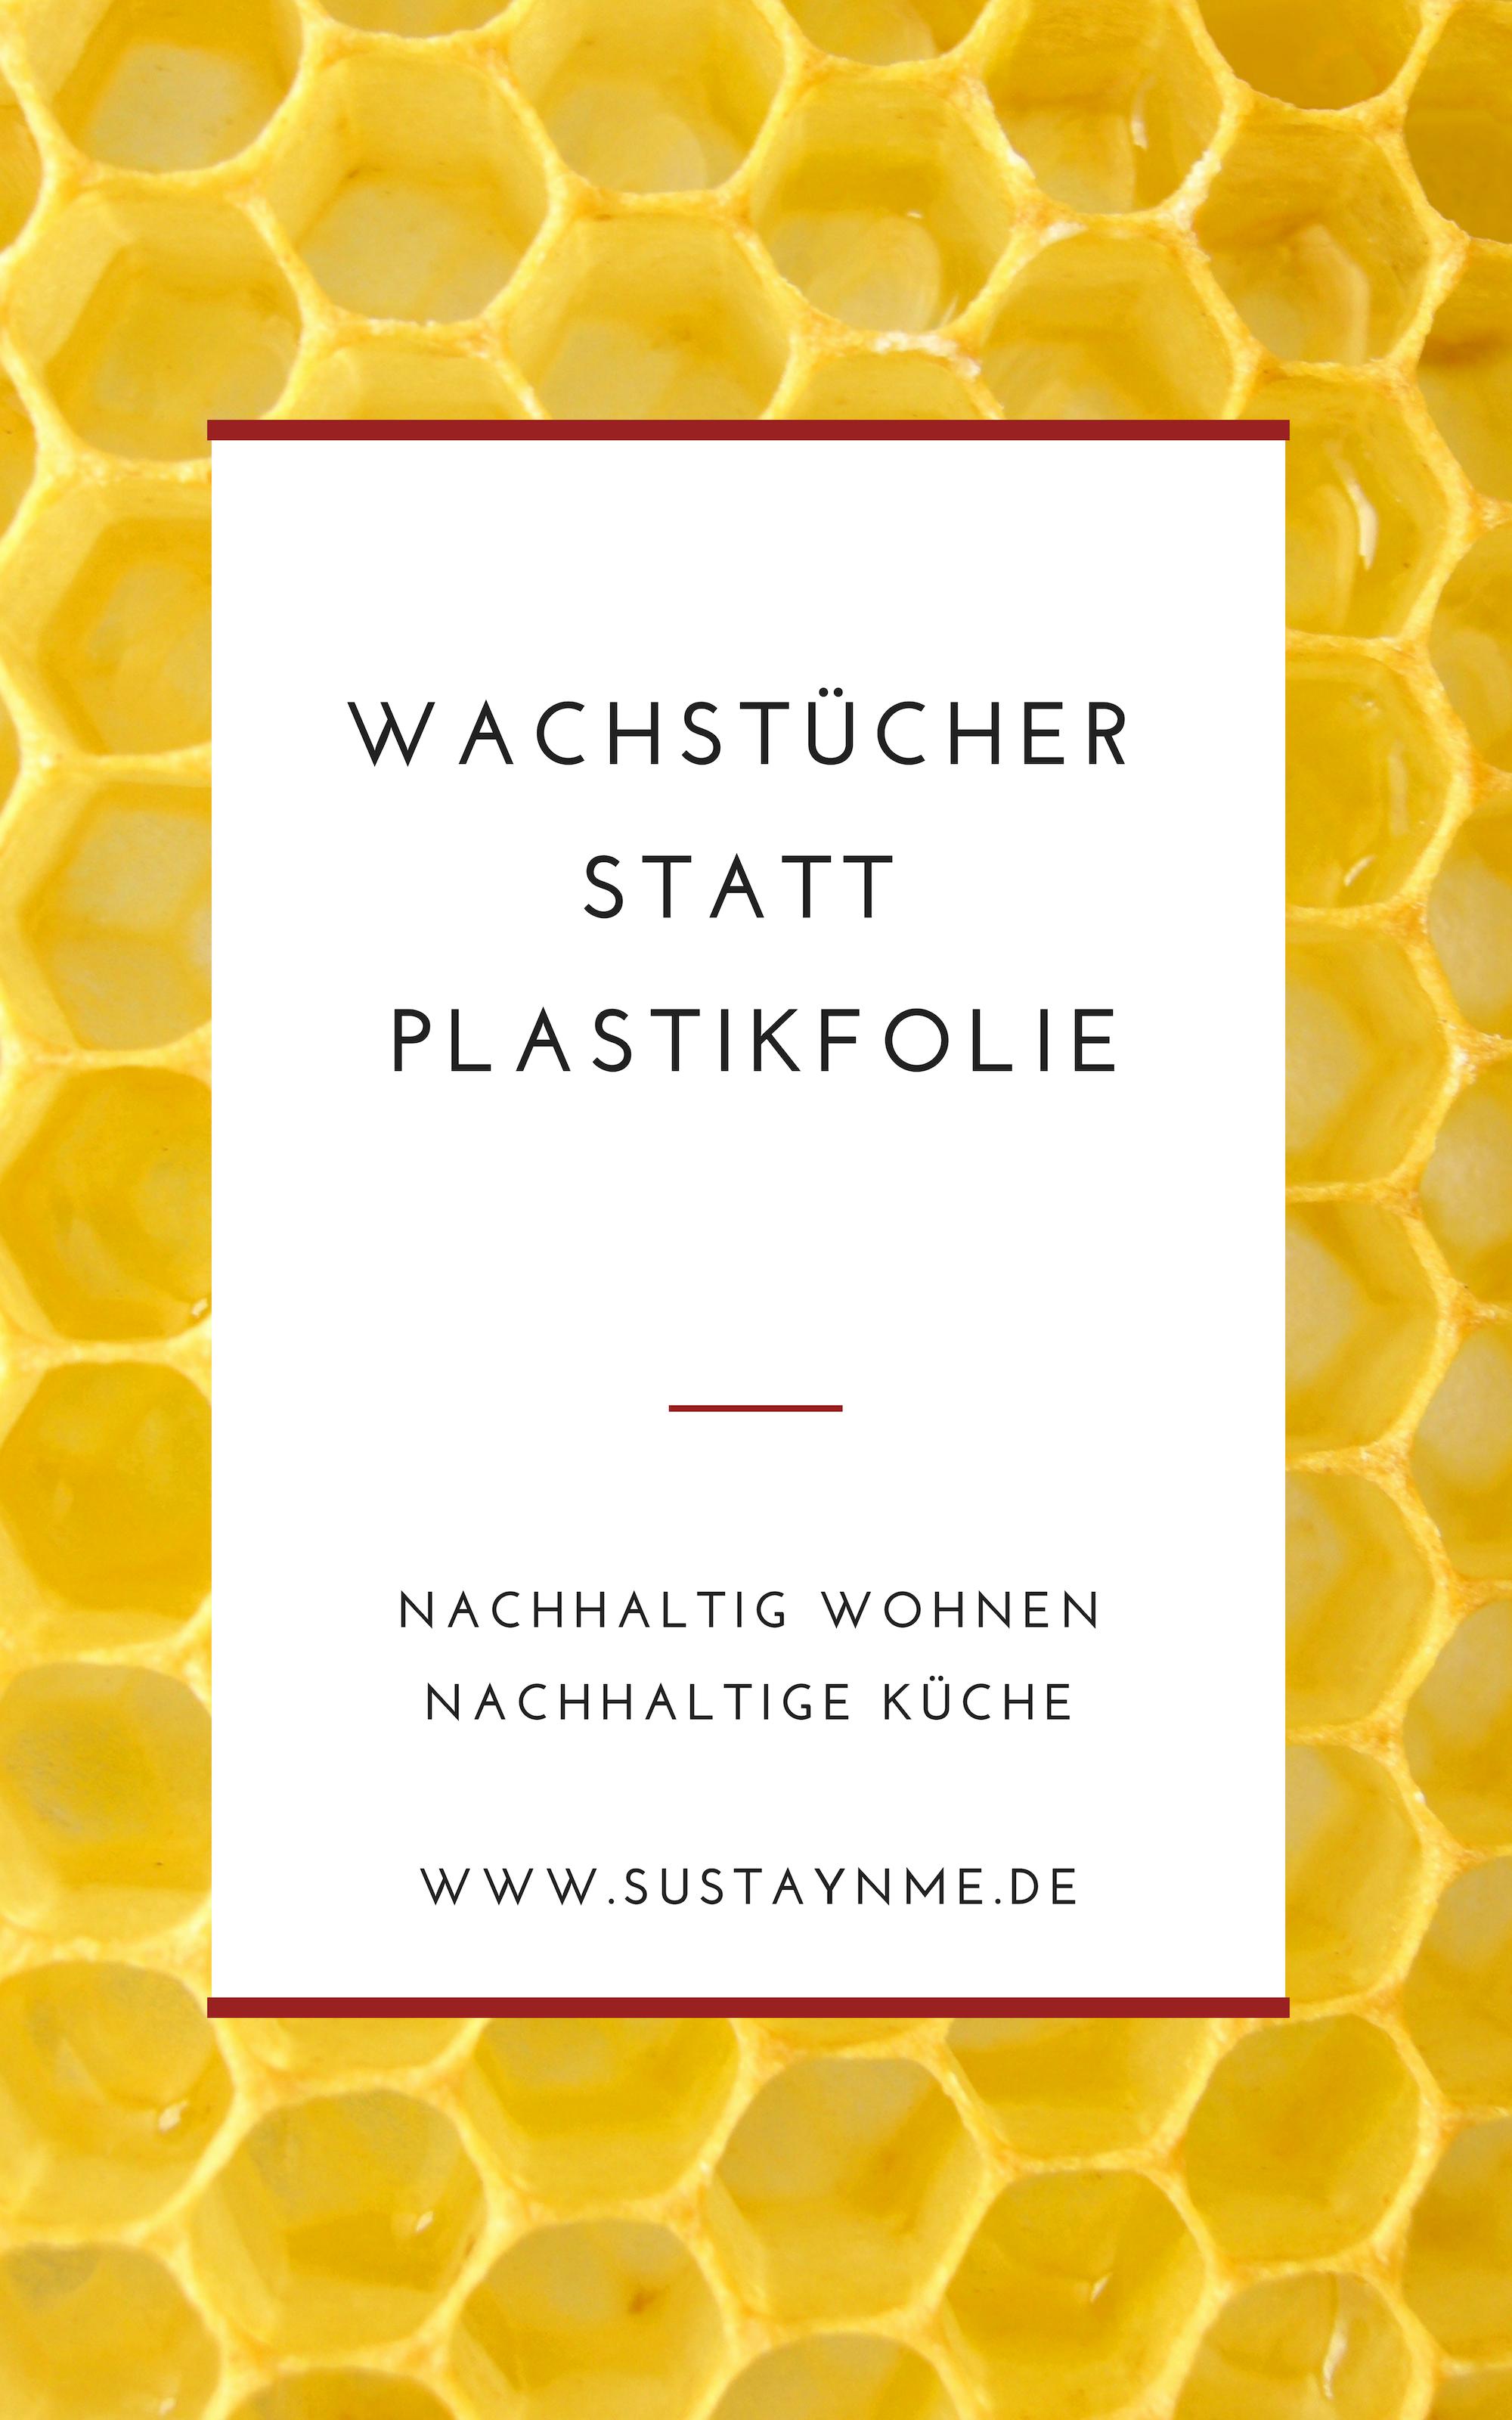 plastikfrei wachstücher statt plastikfolie nachhaltige küche nachhaltig wohnen